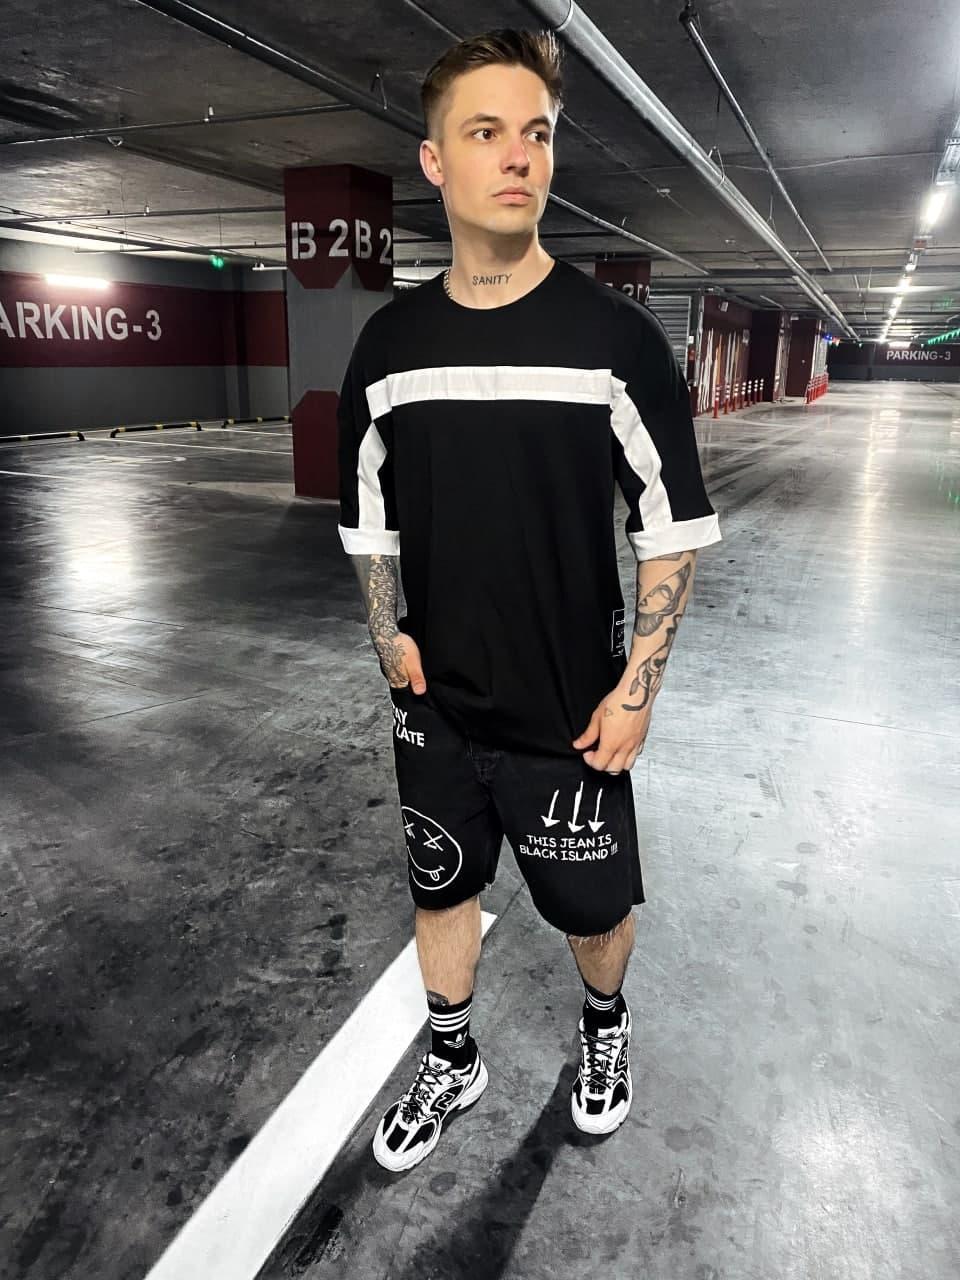 Мужская футболка стильная c белой полосой (черная) стильная одежда sF89